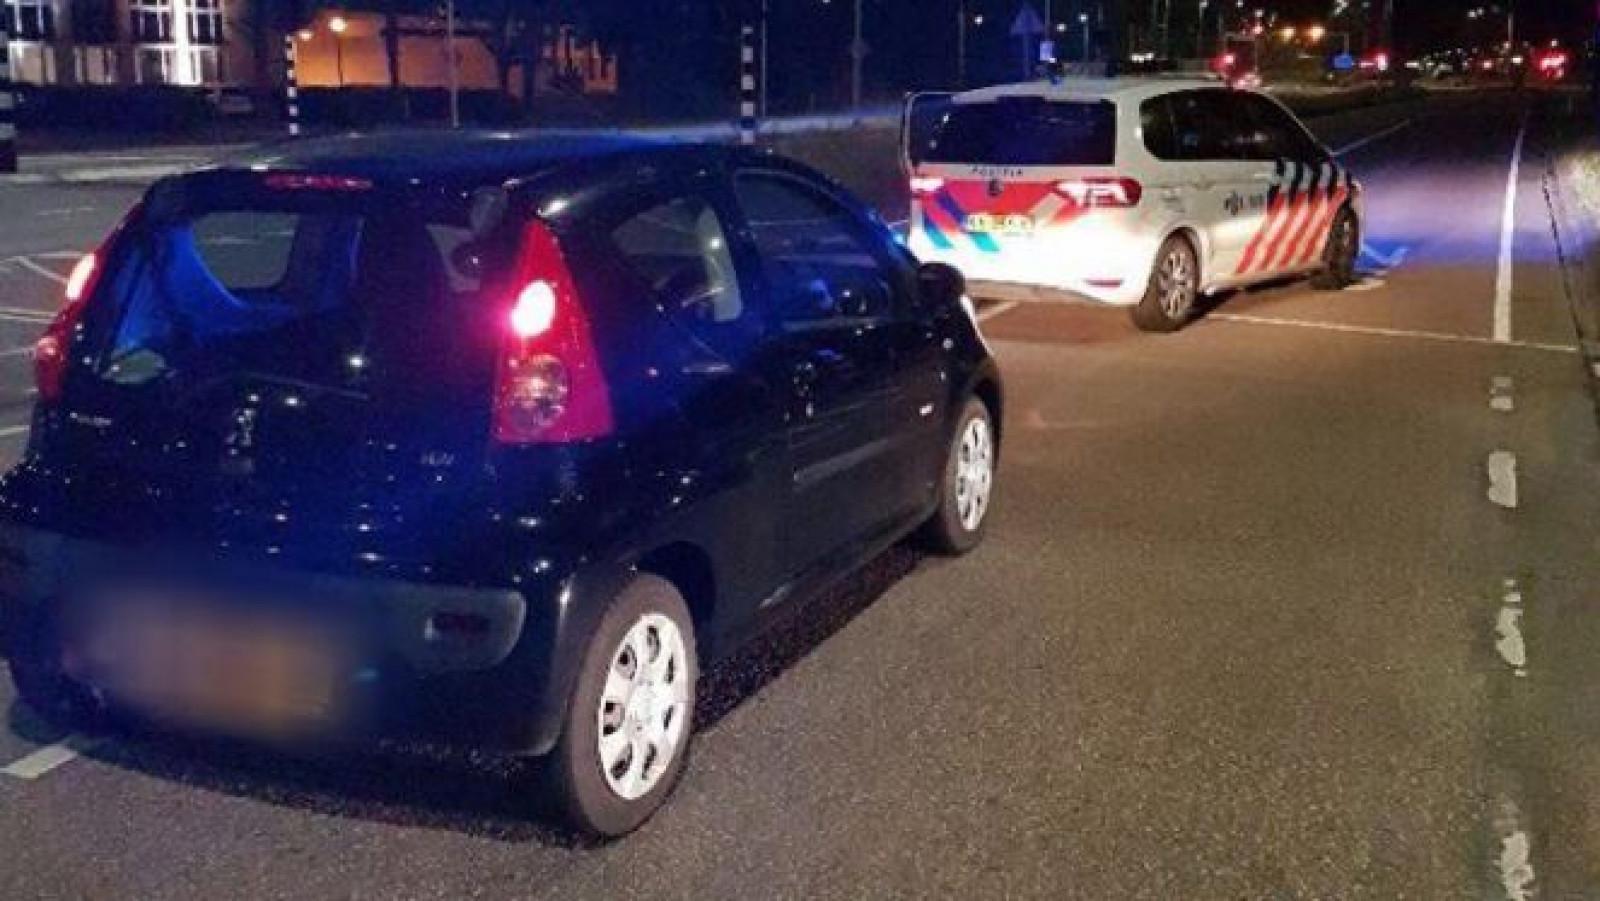 Beschonken Bestuurder Rijdt Zonder Rijbewijs In Gestolen Auto Nh